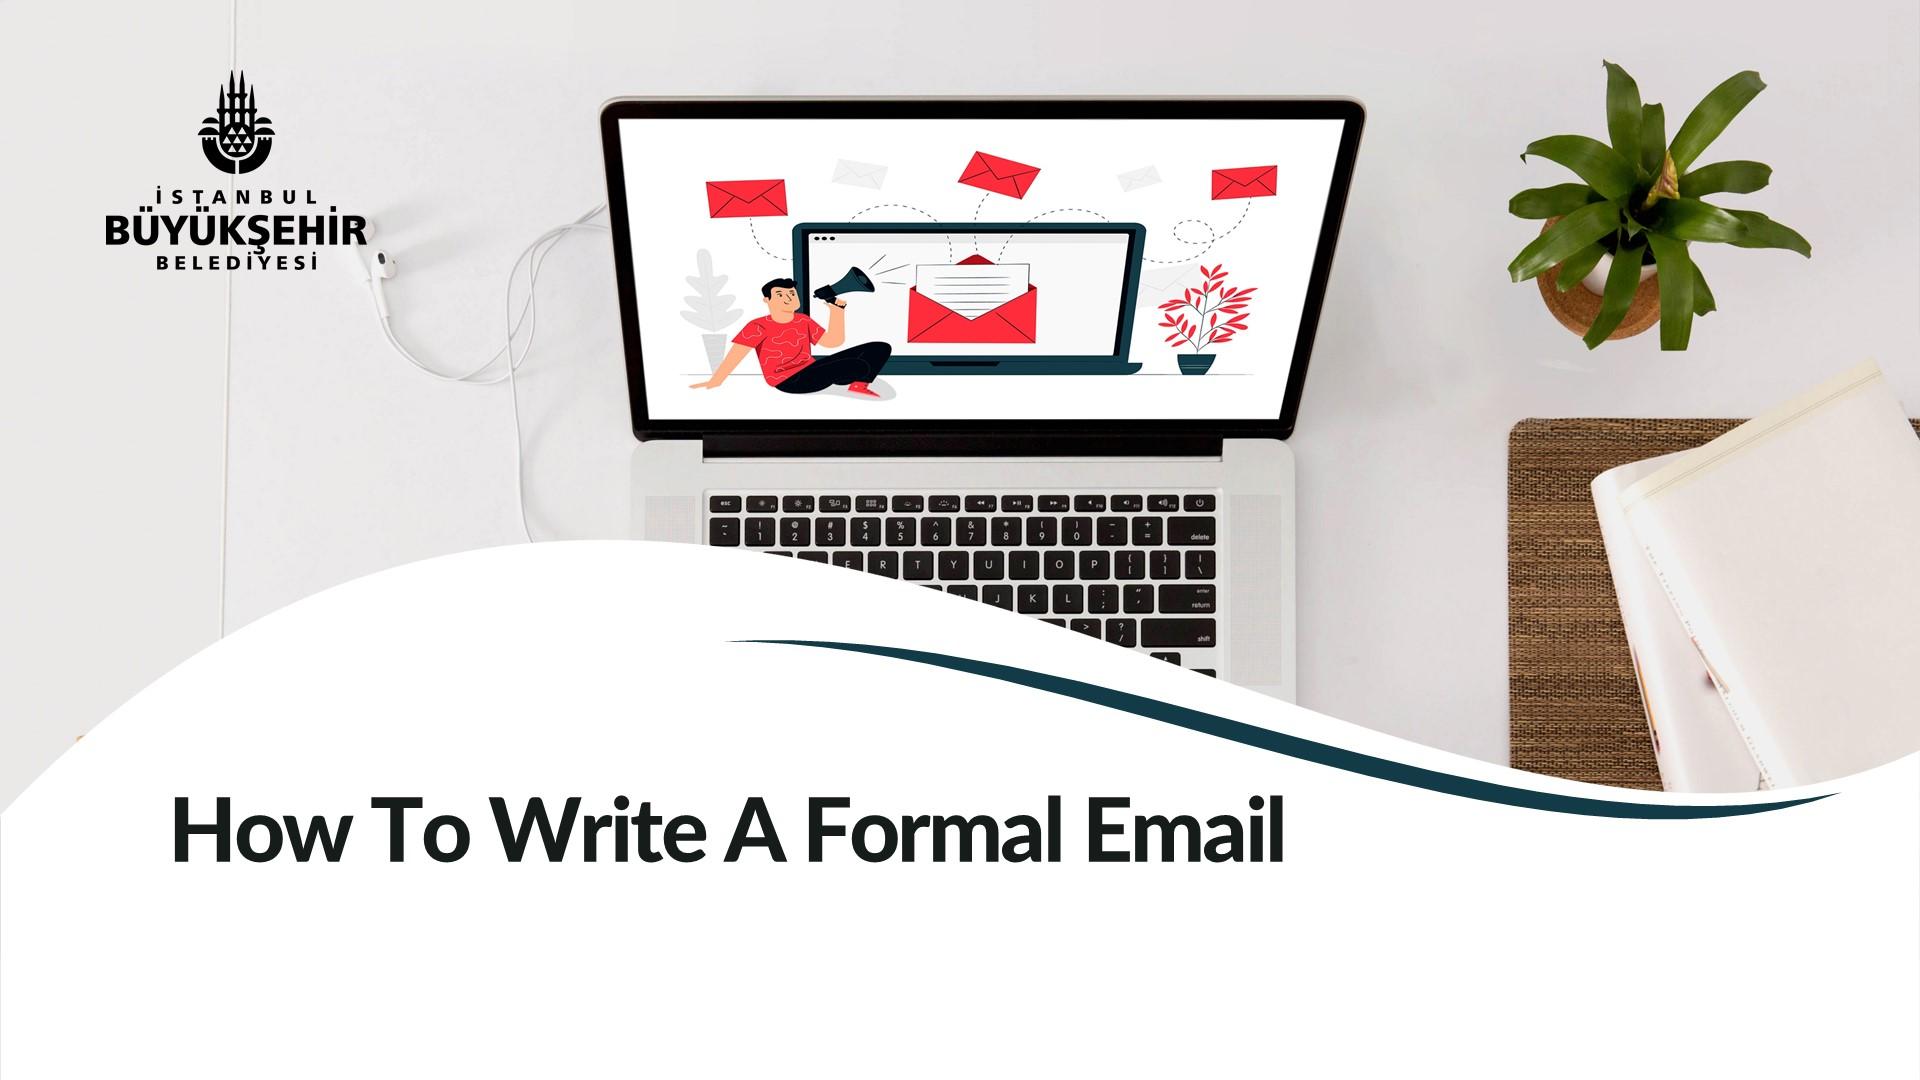 How To Write AFormal Email Kayıtları Başladı